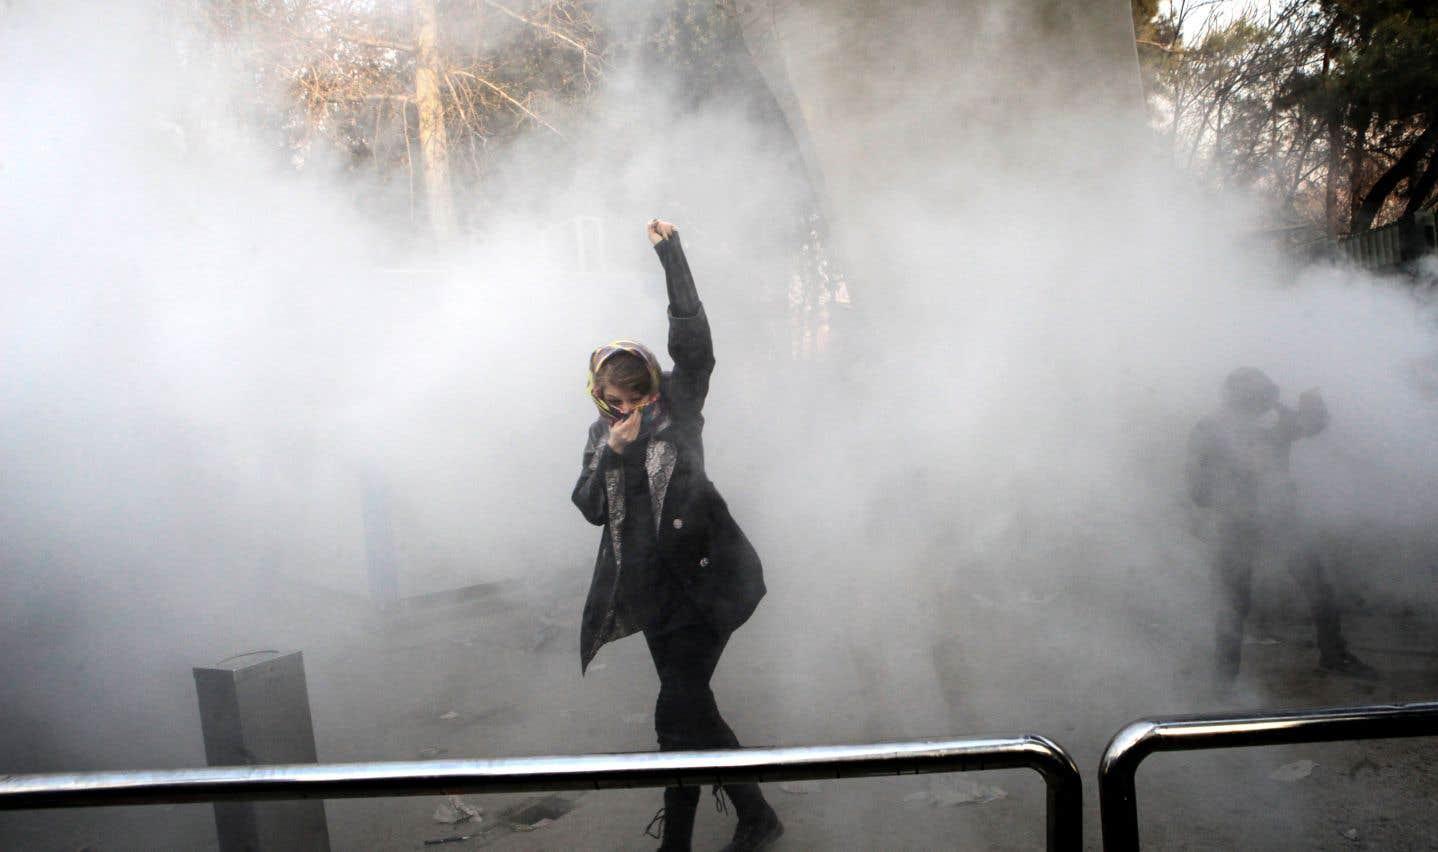 La police antiémeute, largement déployée, est intervenue pour empêcher les étudiants de sortir dans la rue.